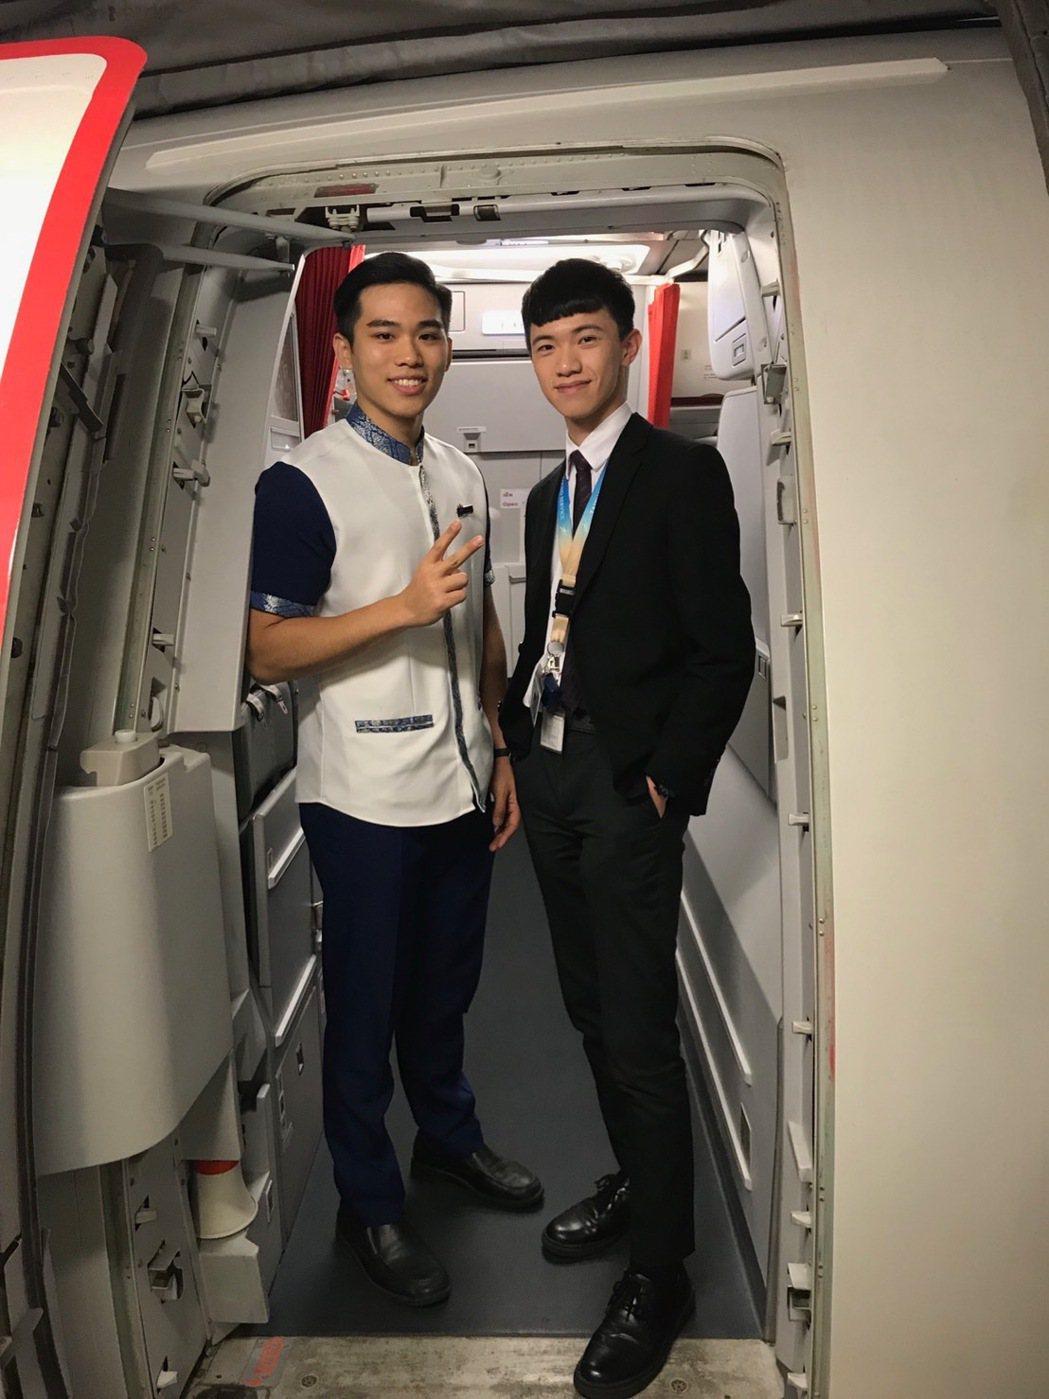 航服系游偉利同學(右)與航服系第1屆畢業生錄取柬埔寨航服空服員的黃柏綸(左)。 ...